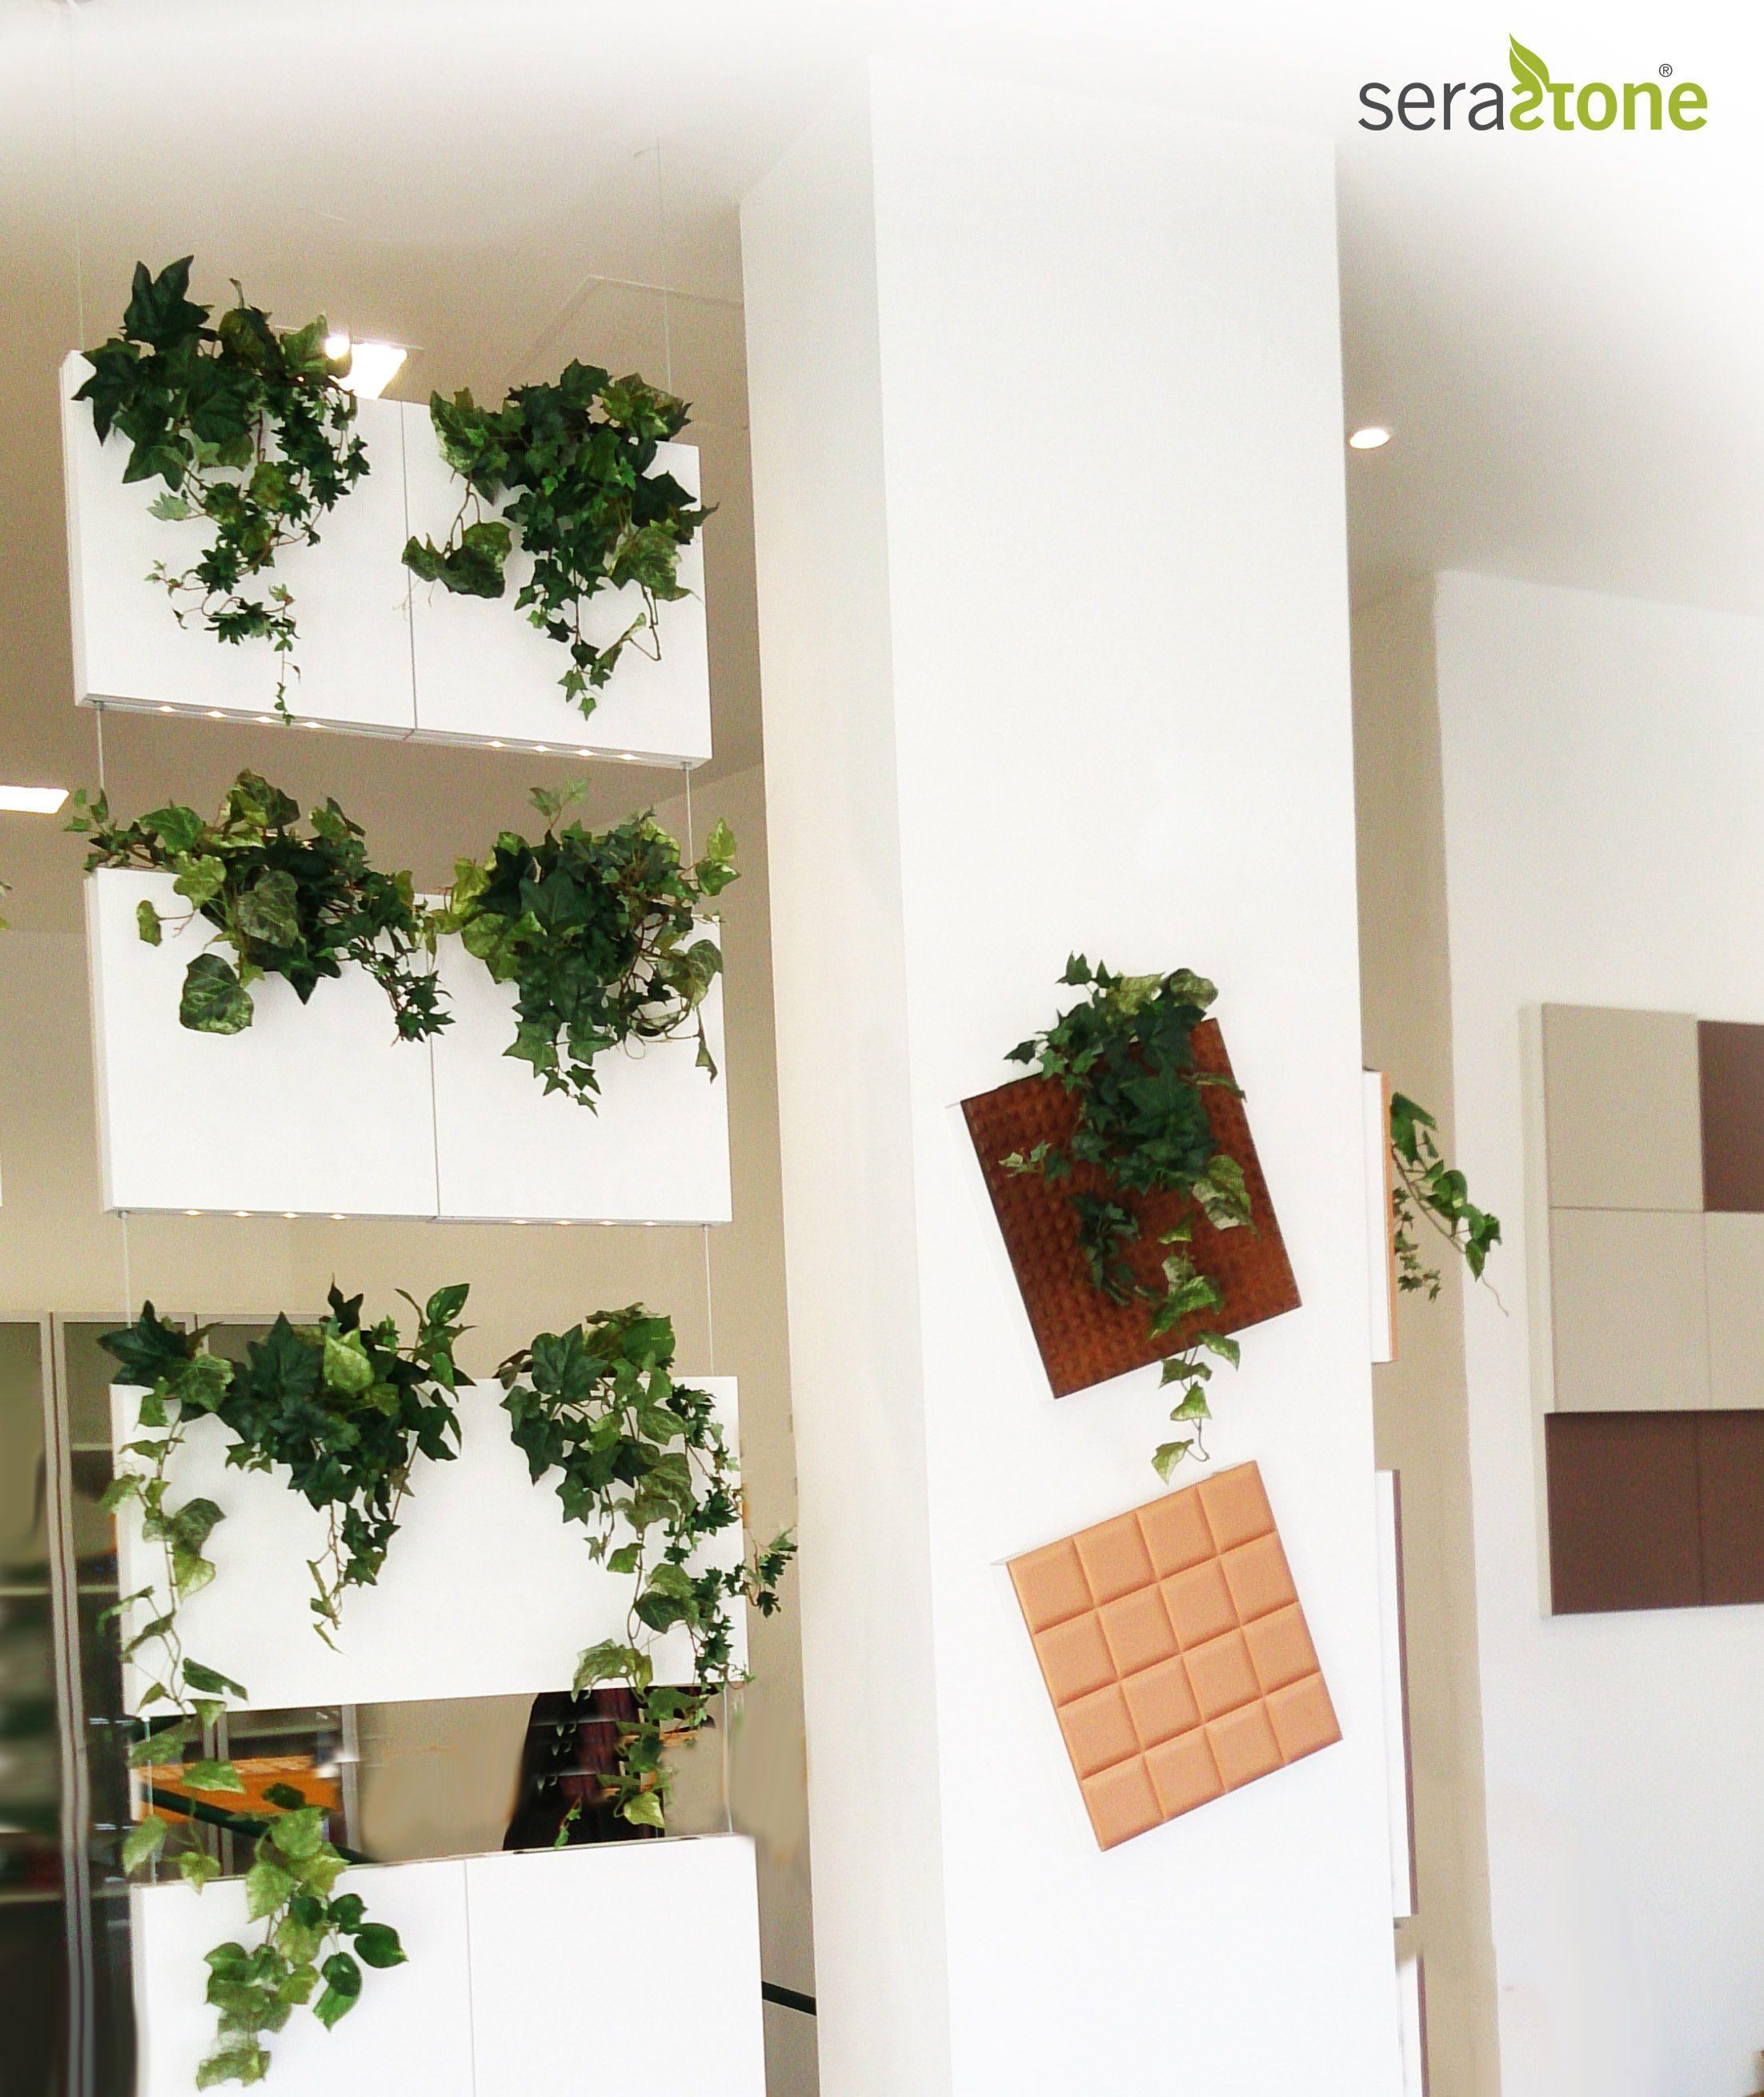 Un Separador de ambientes único. La cortina vegetal de Serastone ...